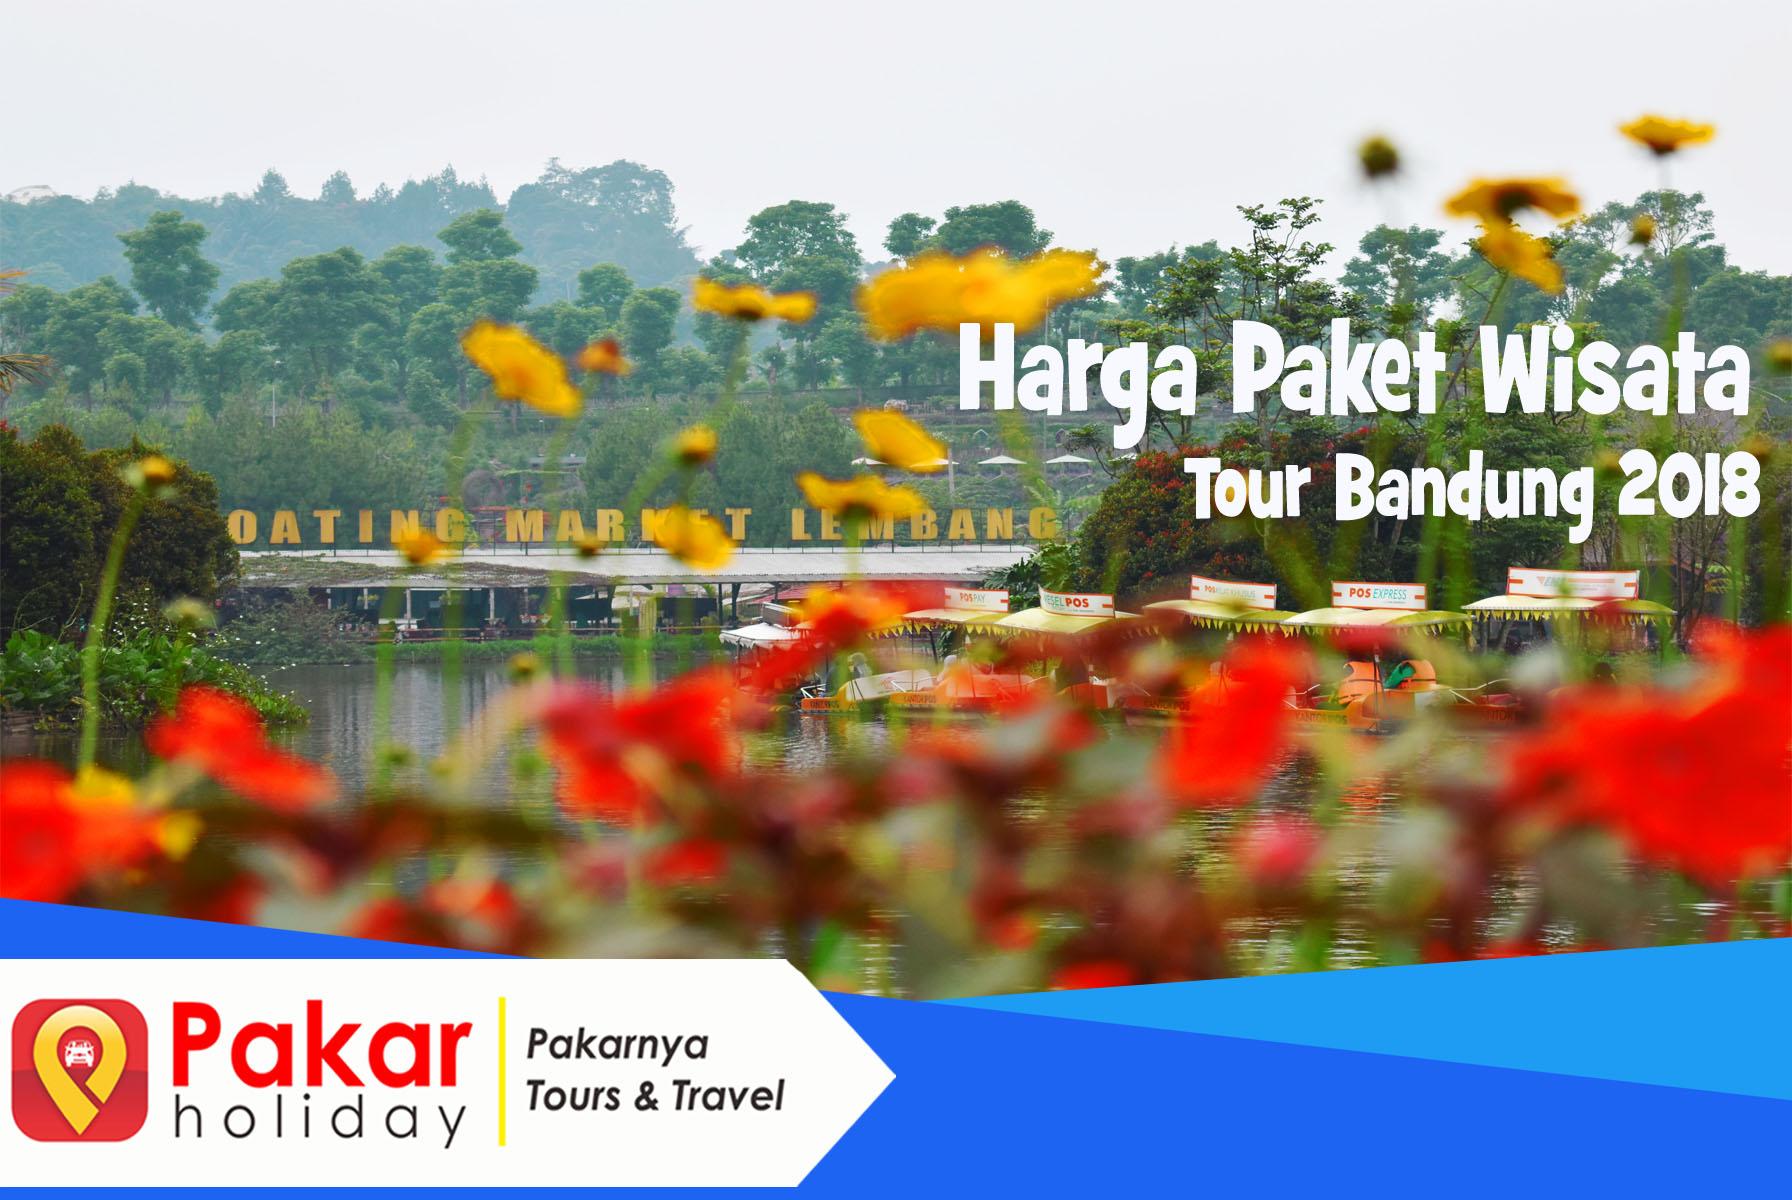 Harga Paket WIsata Tour Bandung 2018